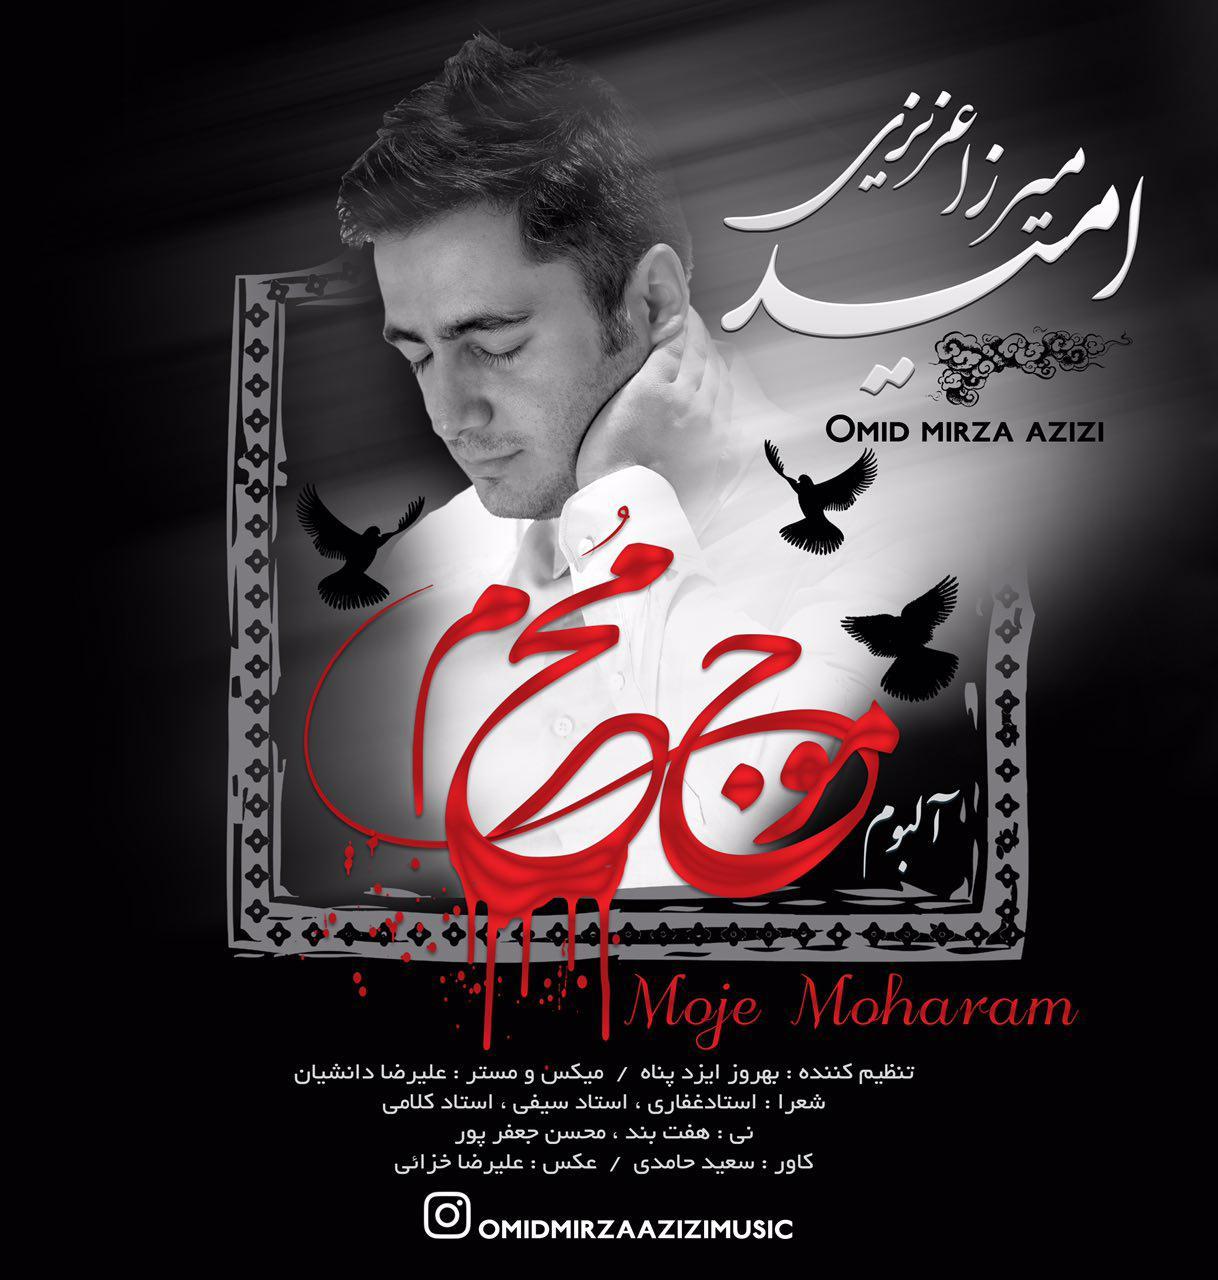 دانلود آلبوم جدید مداحی امید میرزا عزیزی به نام موج محرم